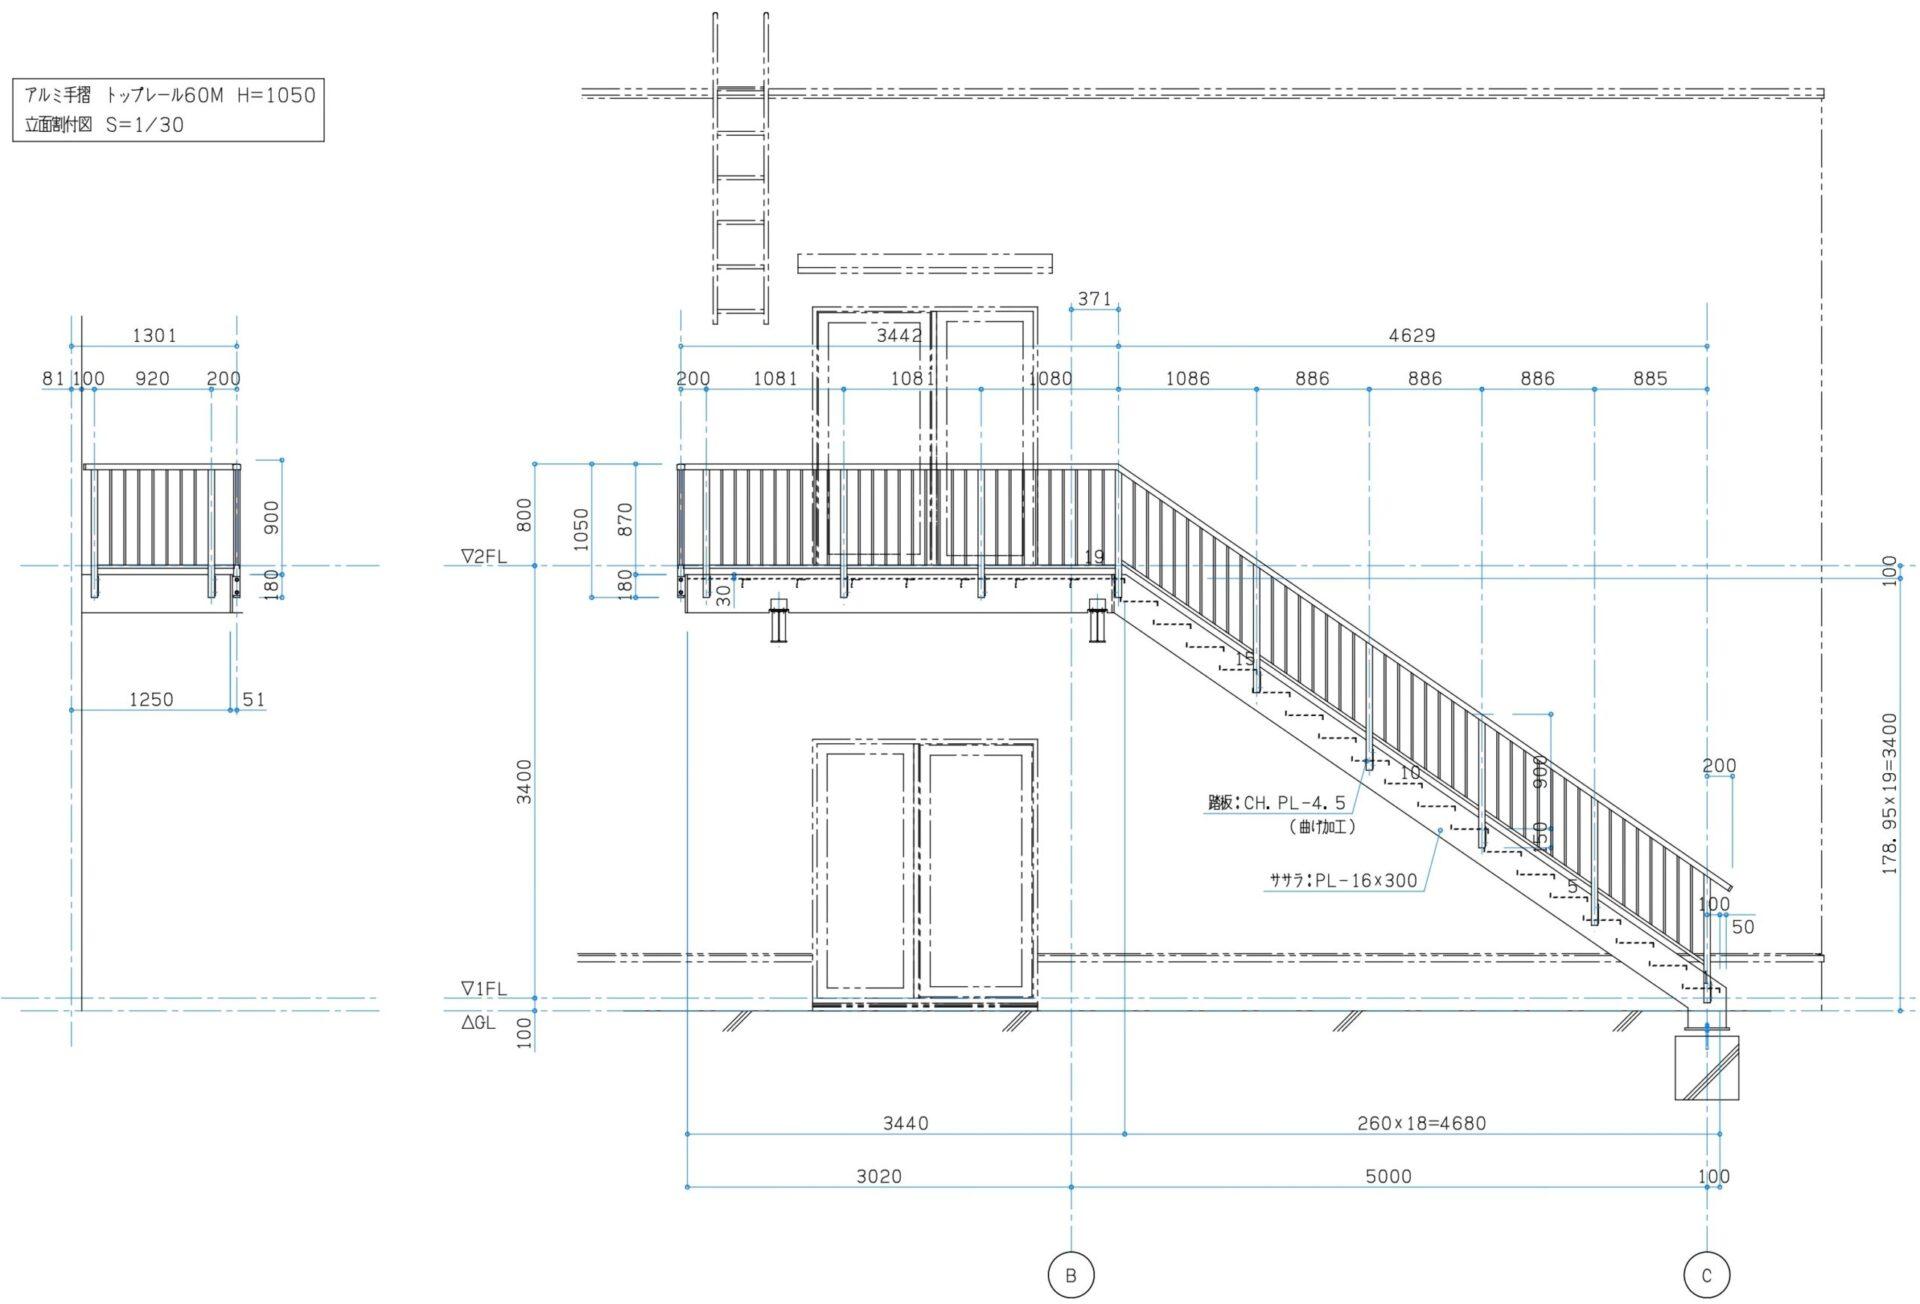 階段手摺 外観図 CAD